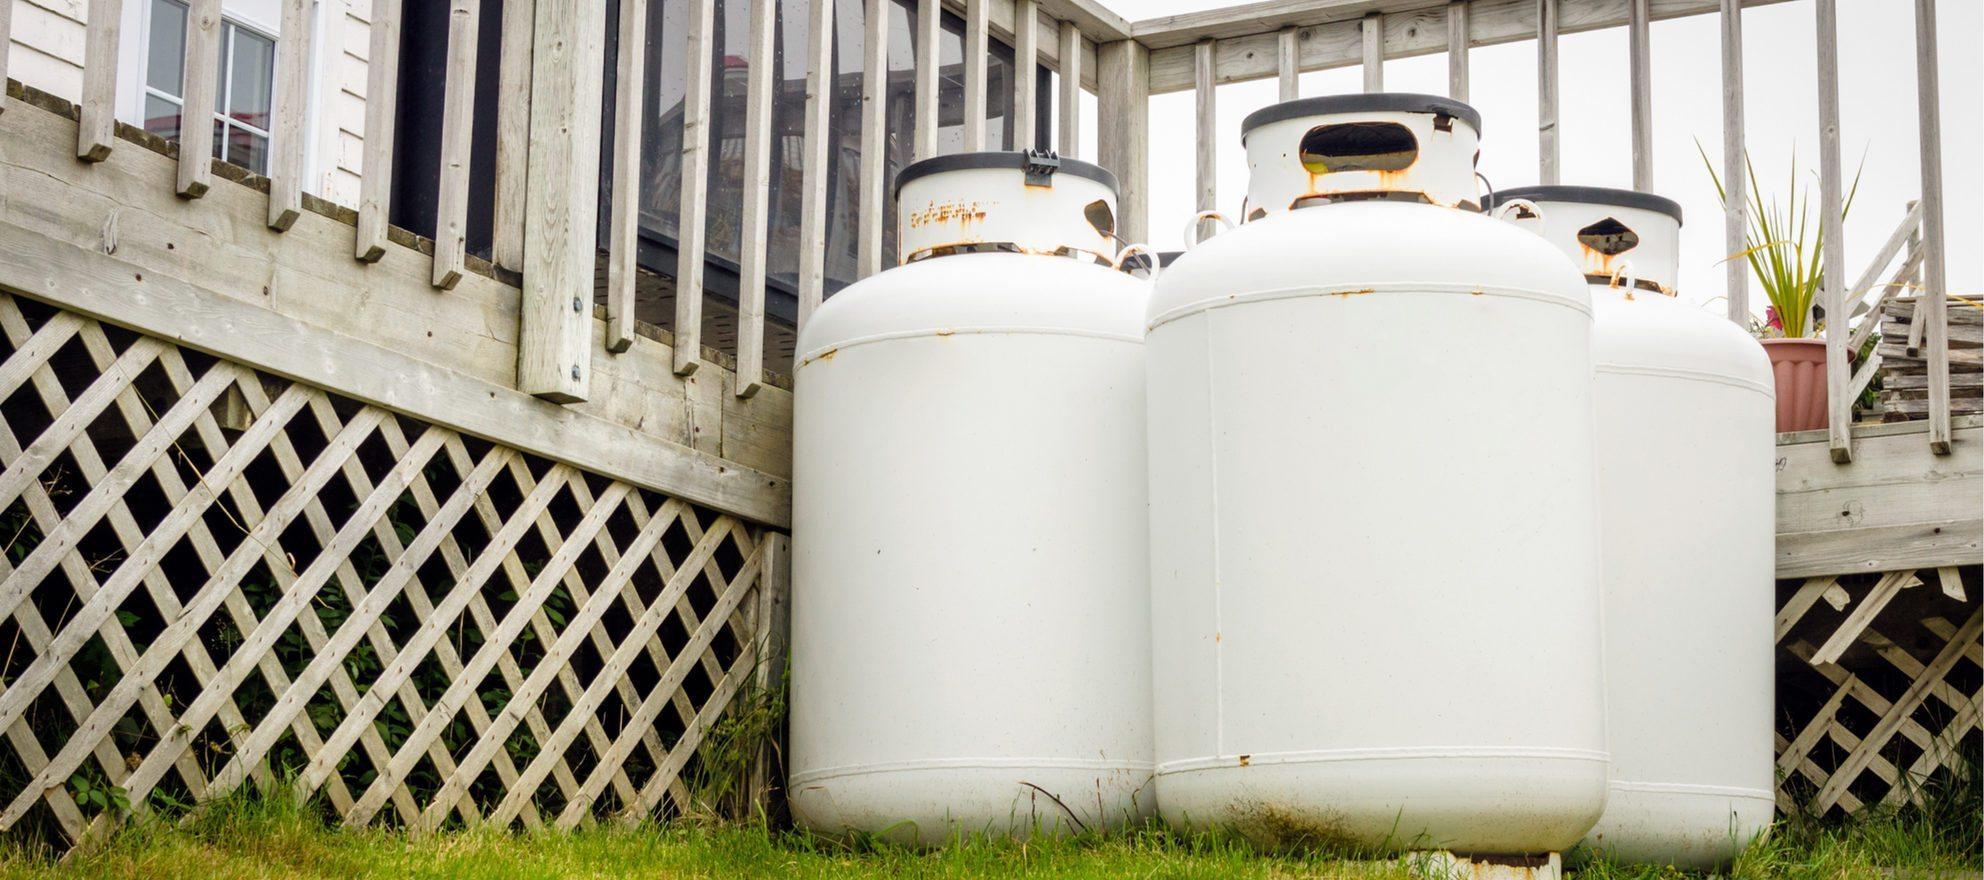 rural home utilities